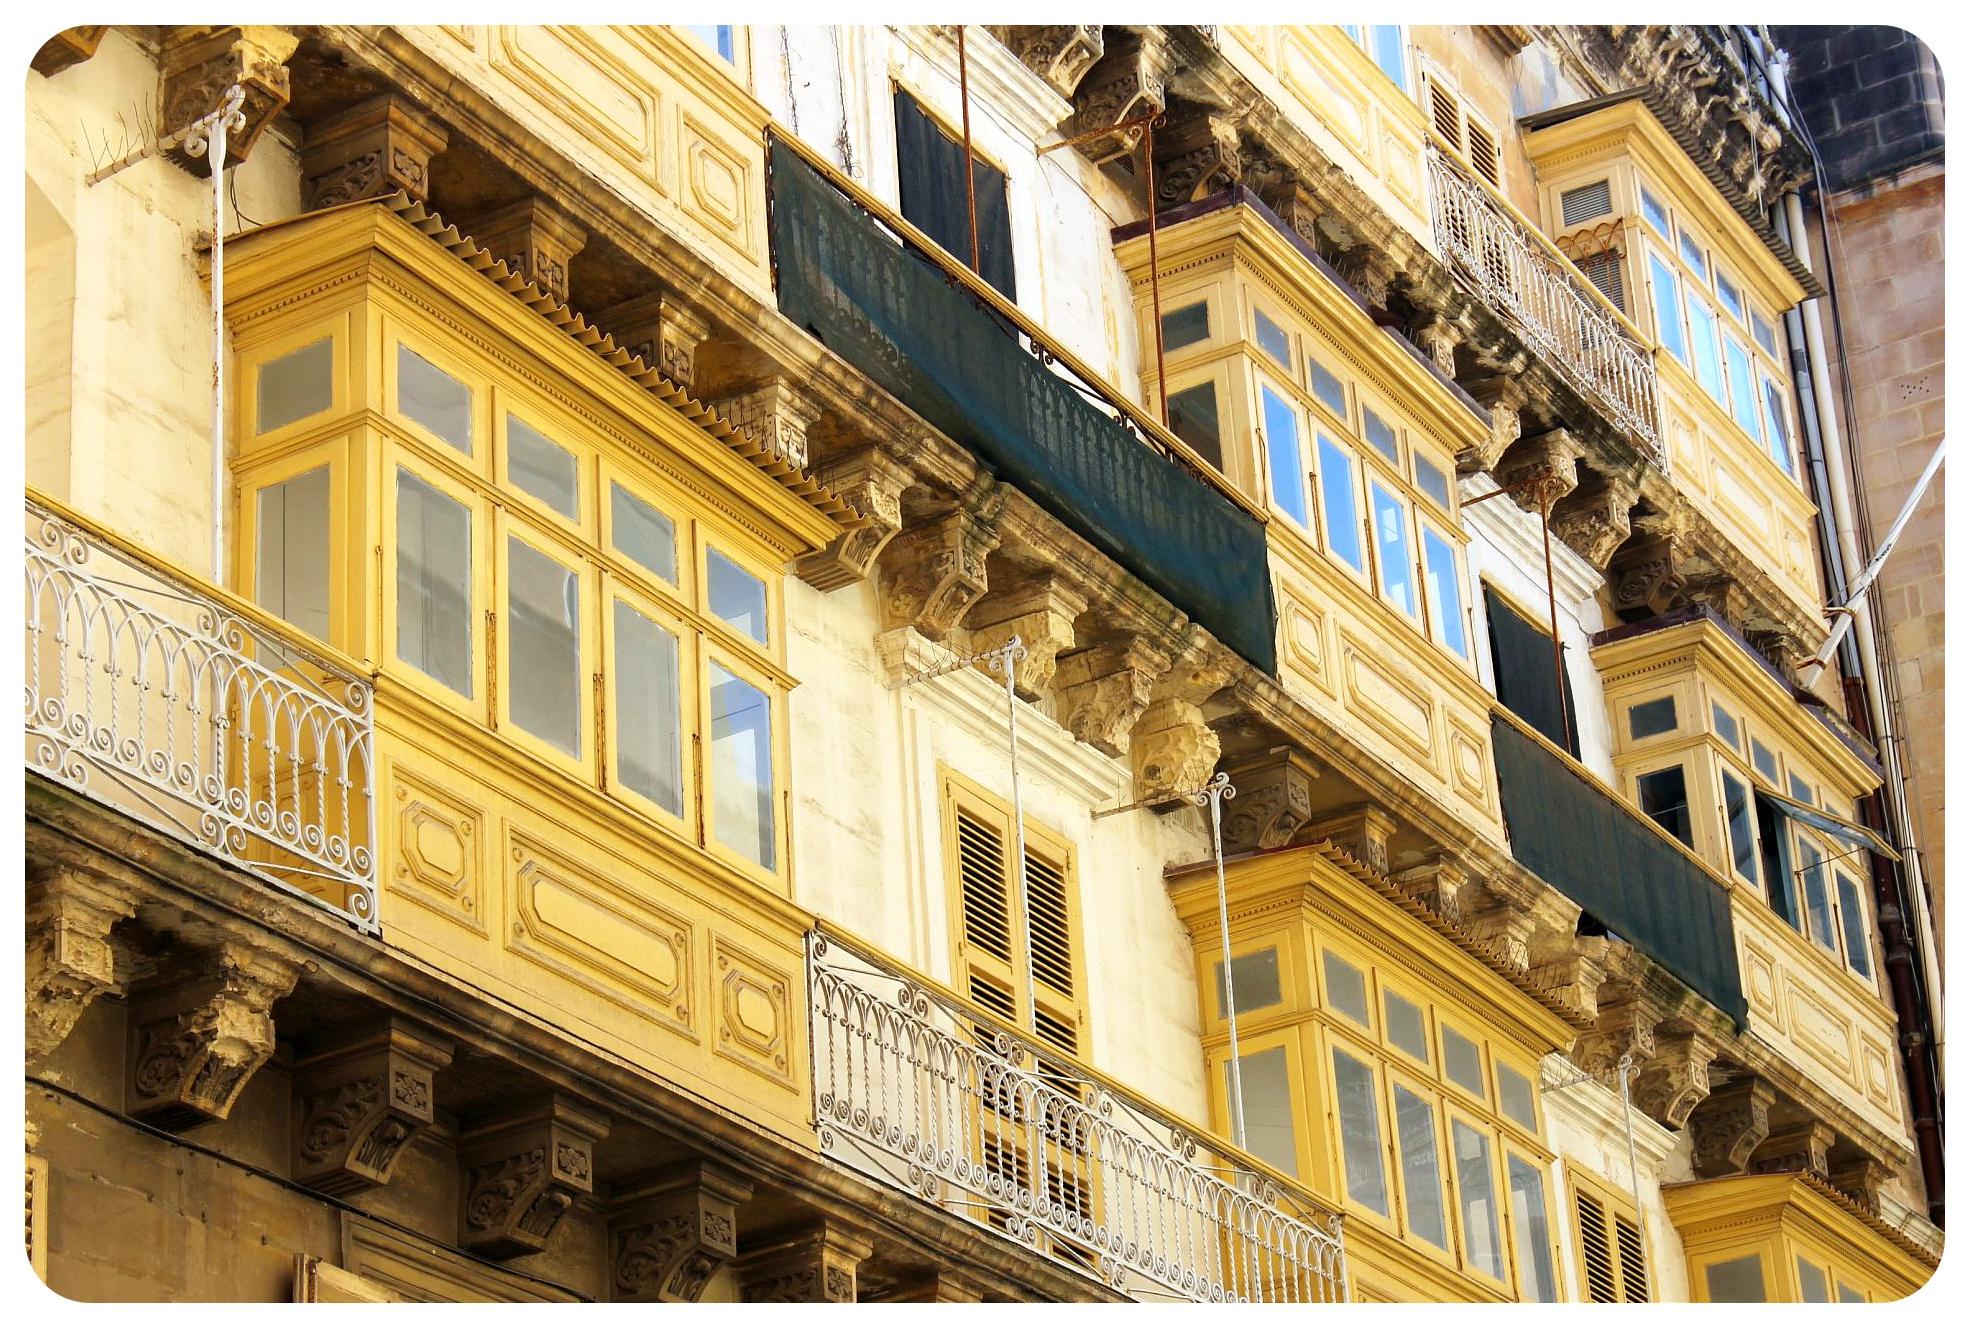 malta valletta balconies